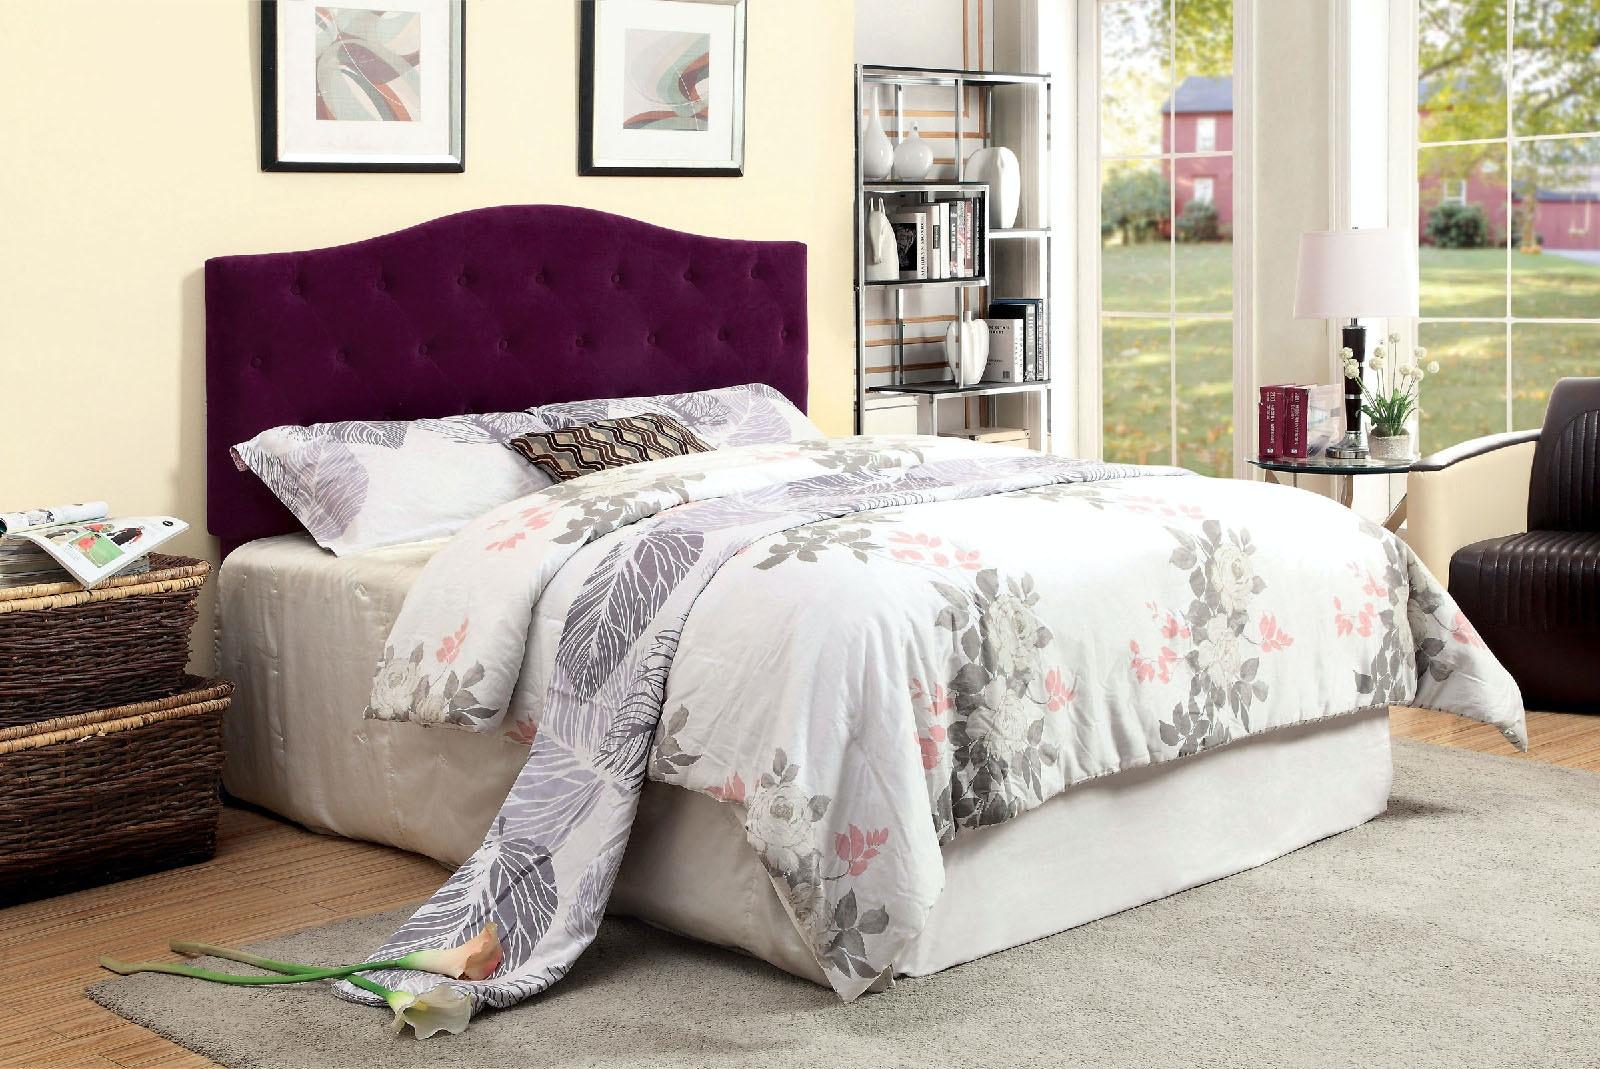 compatible furniture. Furniture Of America Queen (Full Compatible) Headboard, Purple CM7989PR-HB-FQ Compatible S